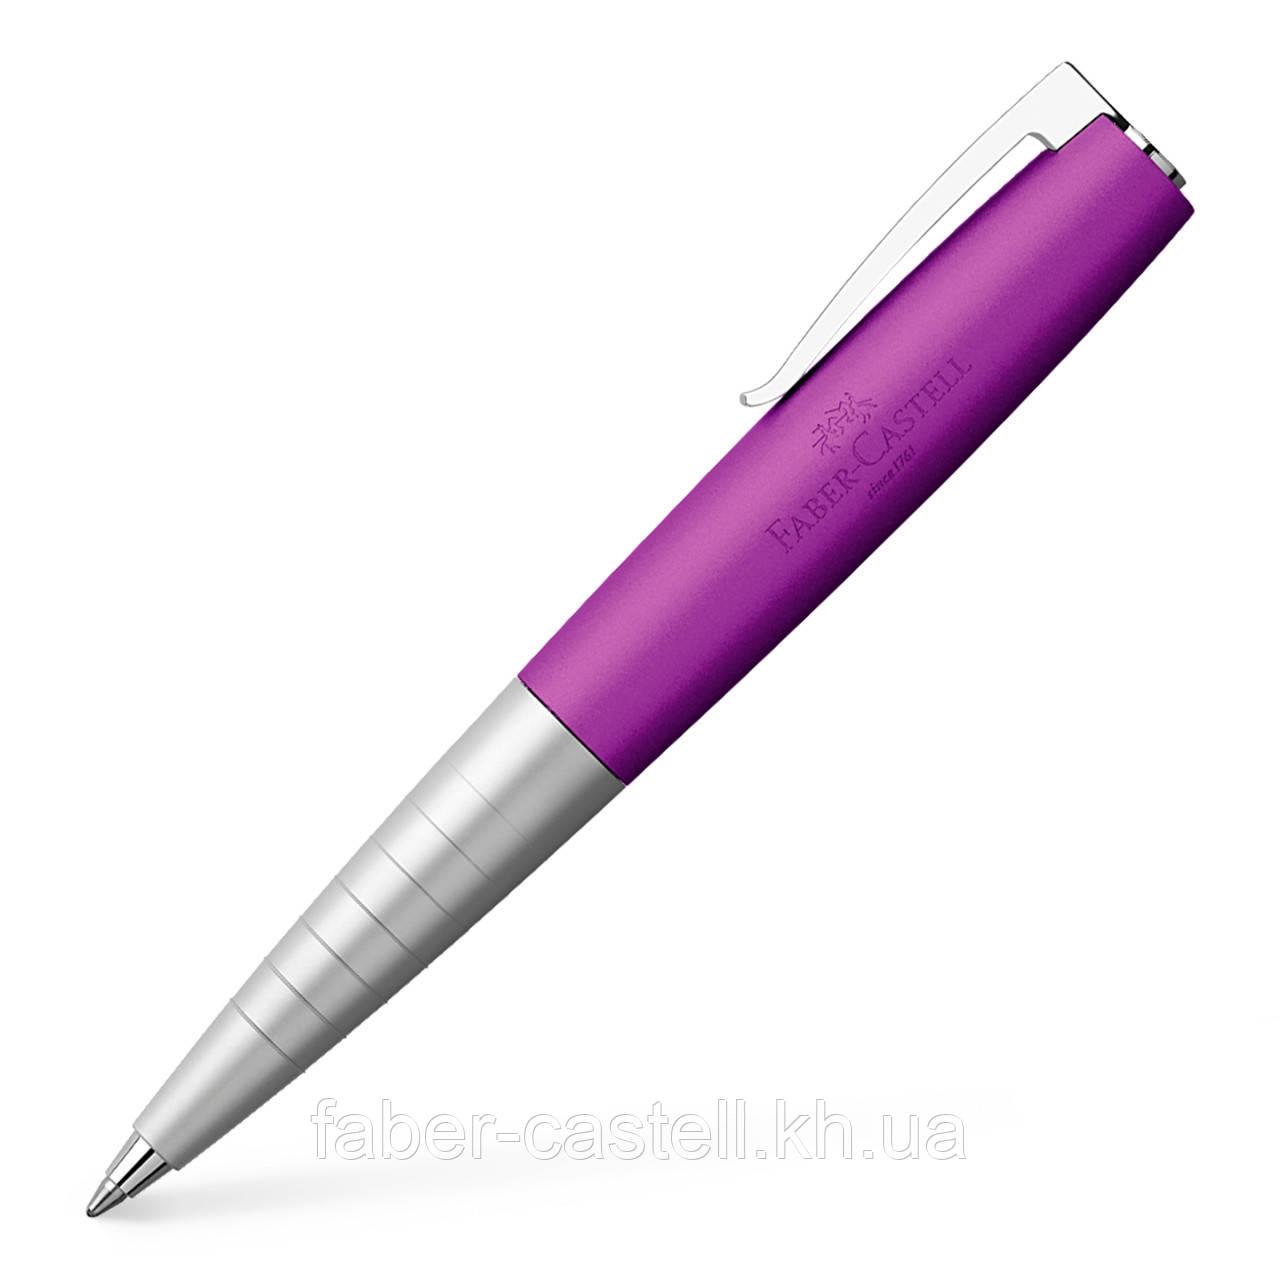 Шариковая ручка Faber-Castell LOOM Metallic Violet, корпус цвета серебро и фиолетовый металлик, 149003